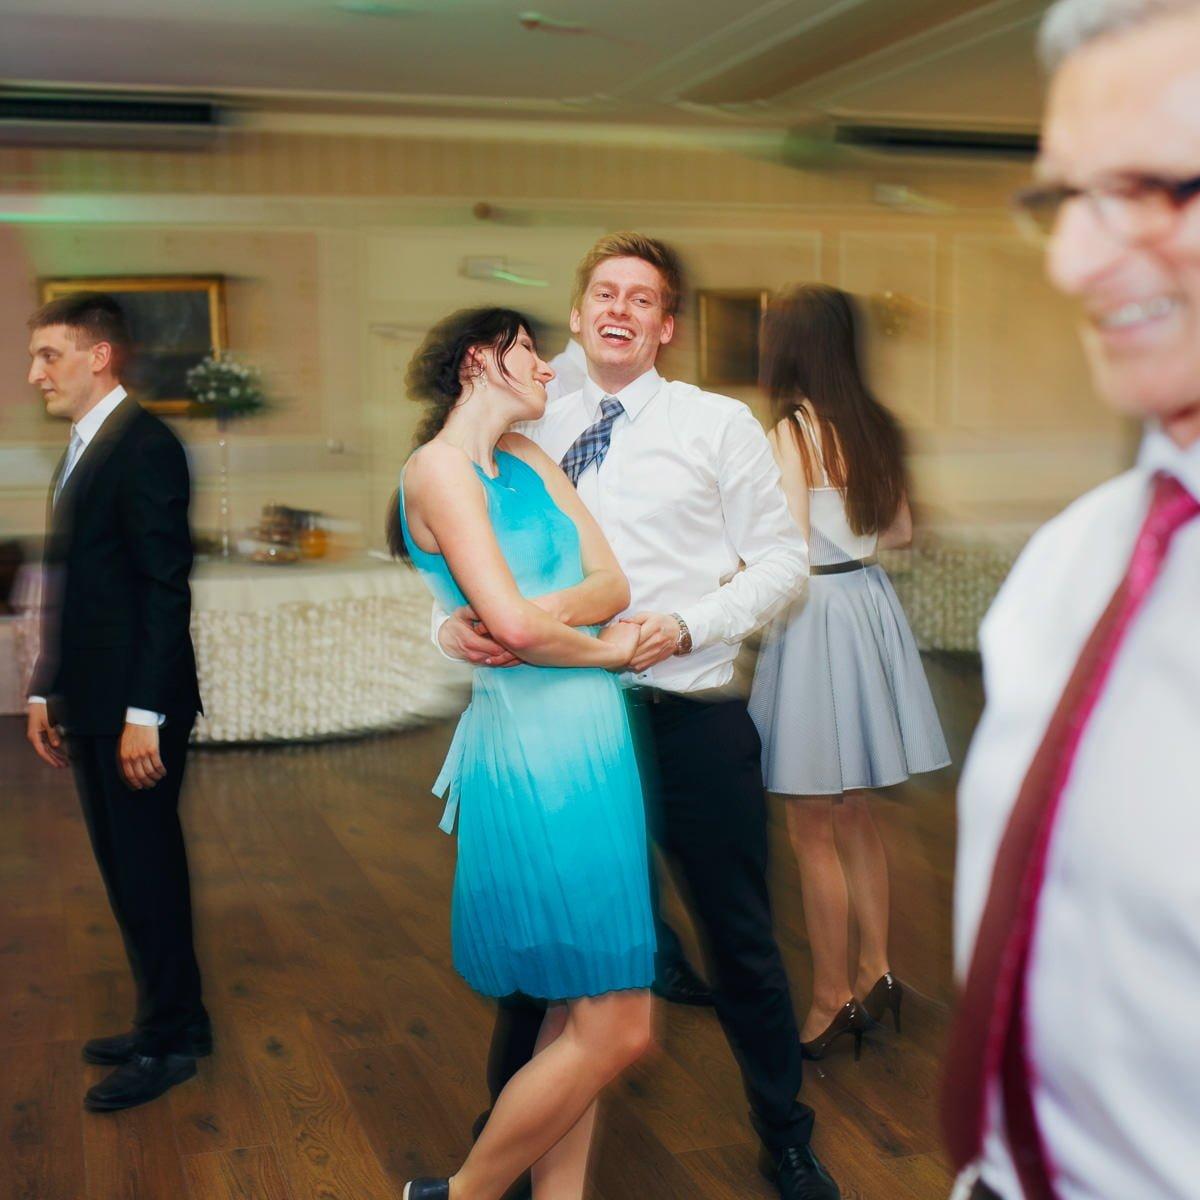 fotograf slub bielsko biala ania maciej 125 - Ślub w Bielsku-Białej - ANIA & MACIEJ